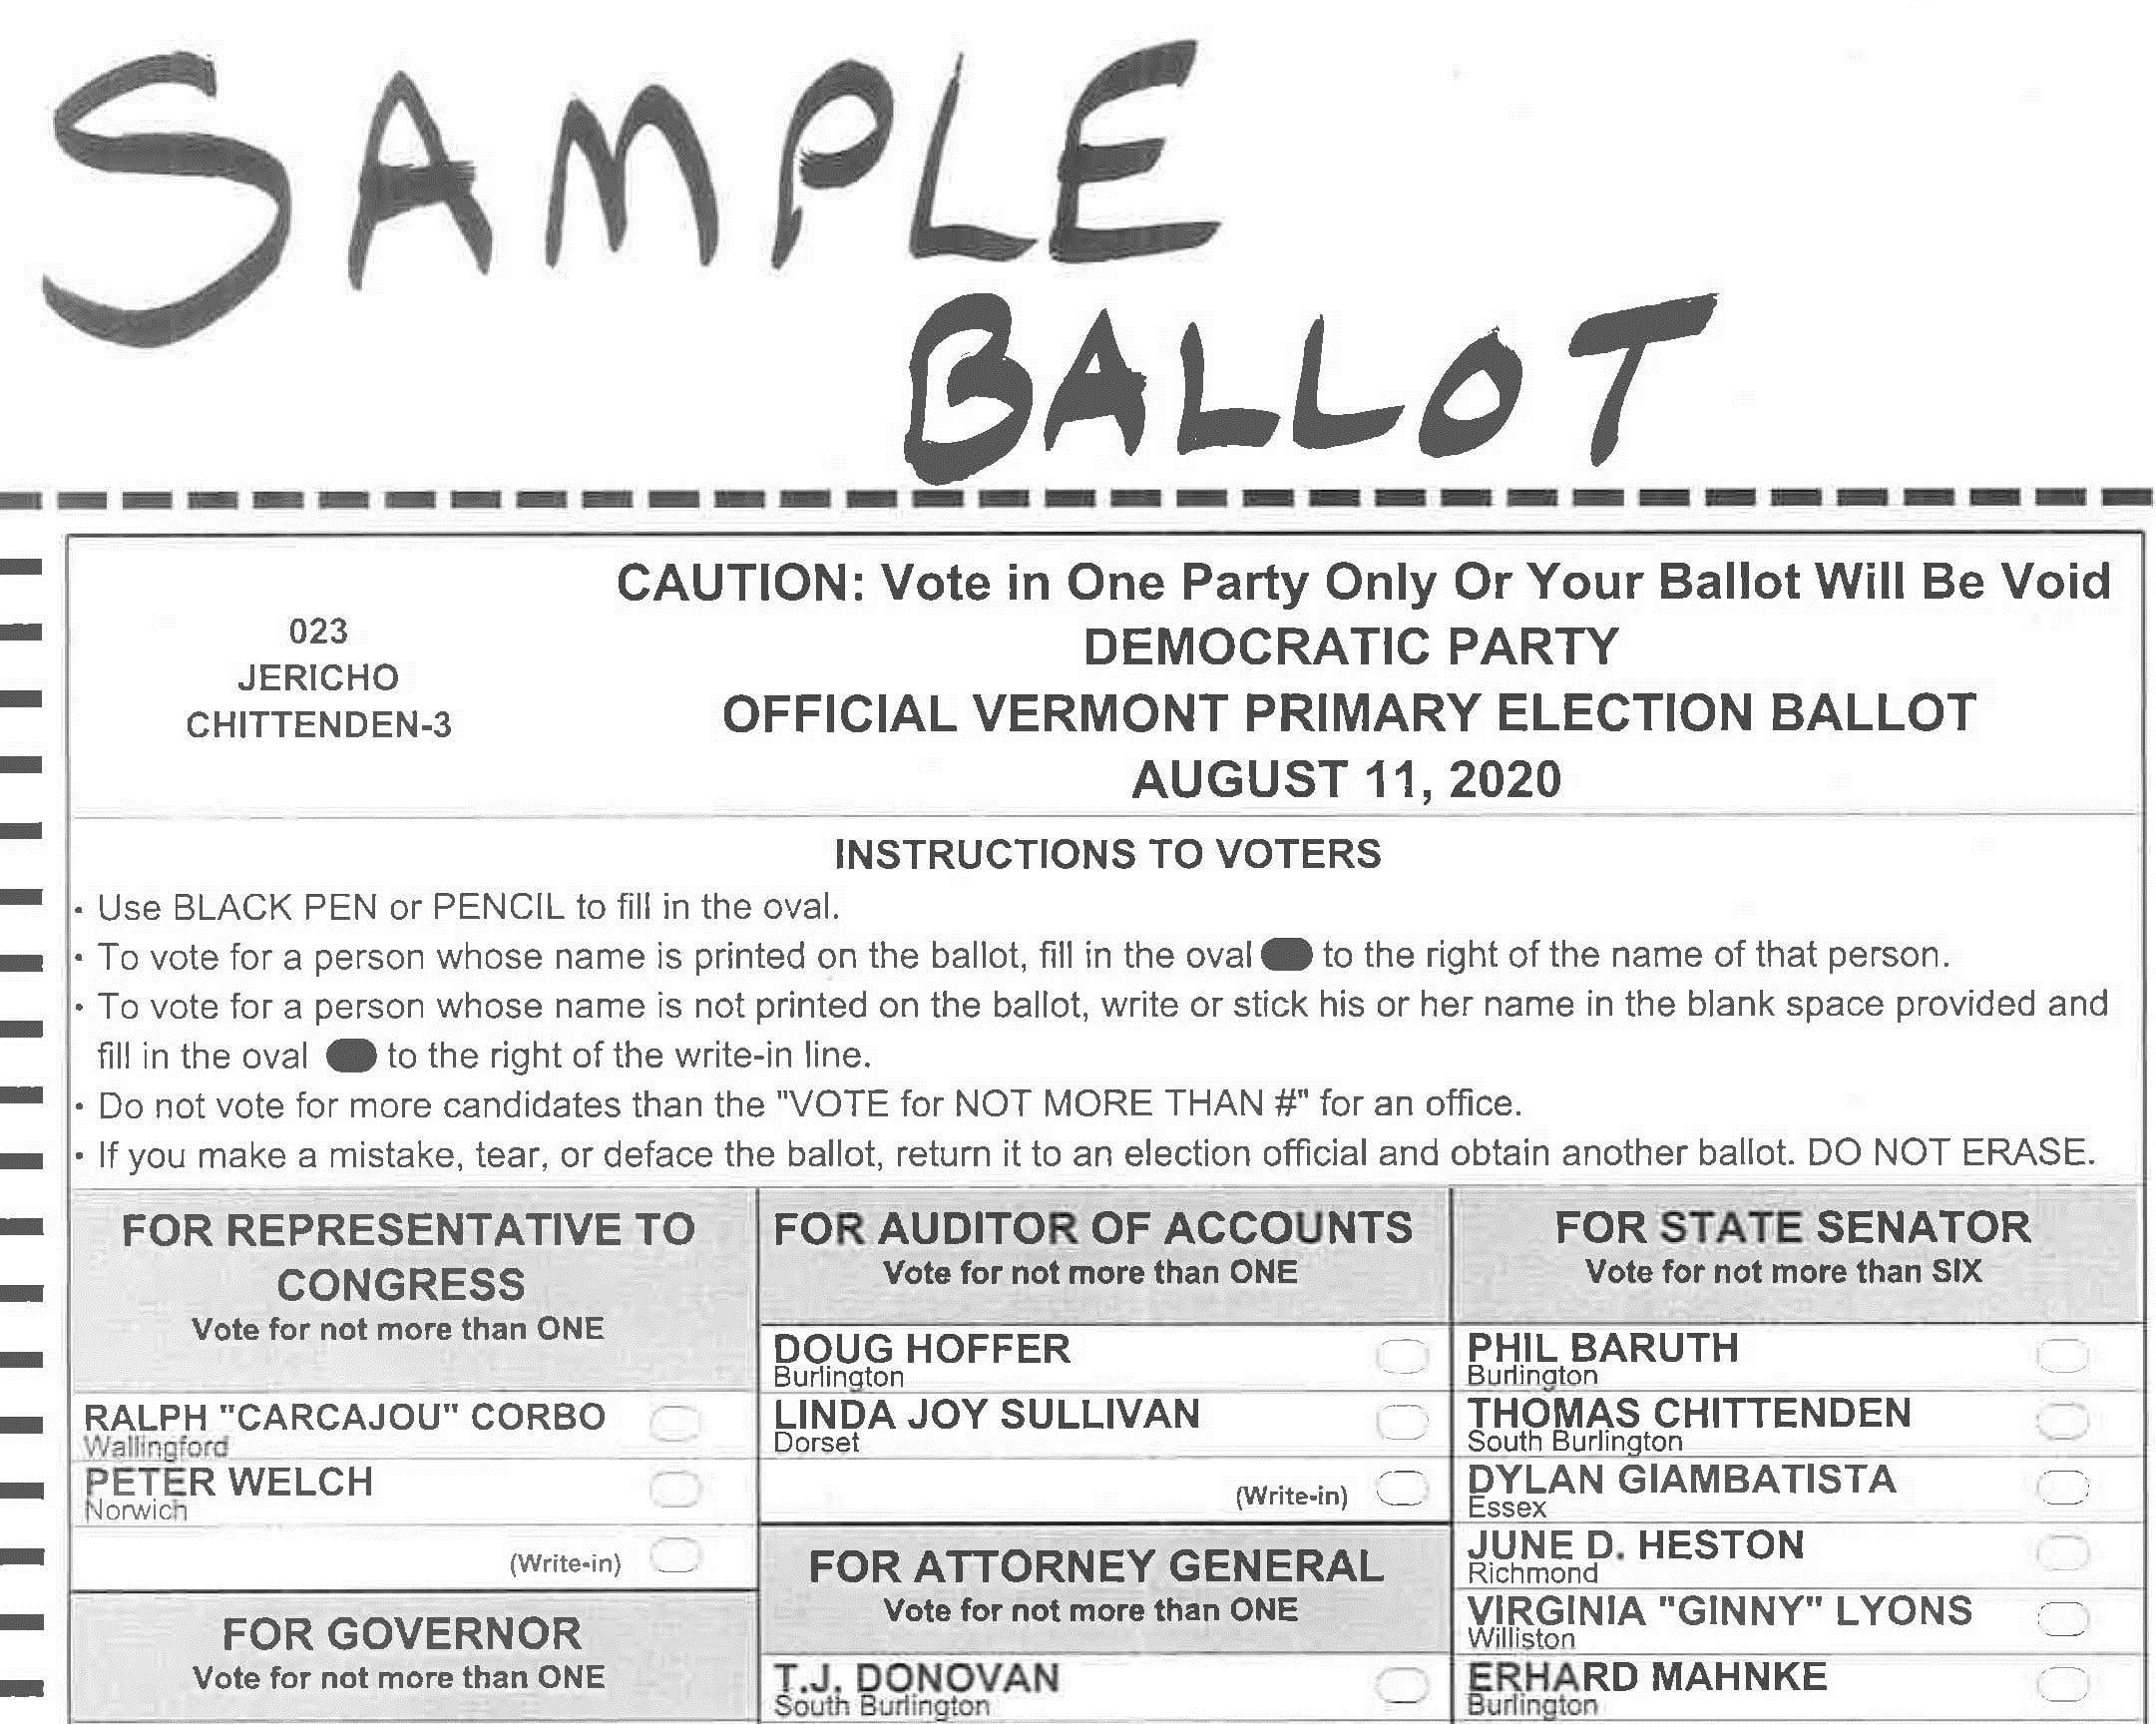 Bút lông Sharpie làm hỏng phiếu bầu tại Arizona?